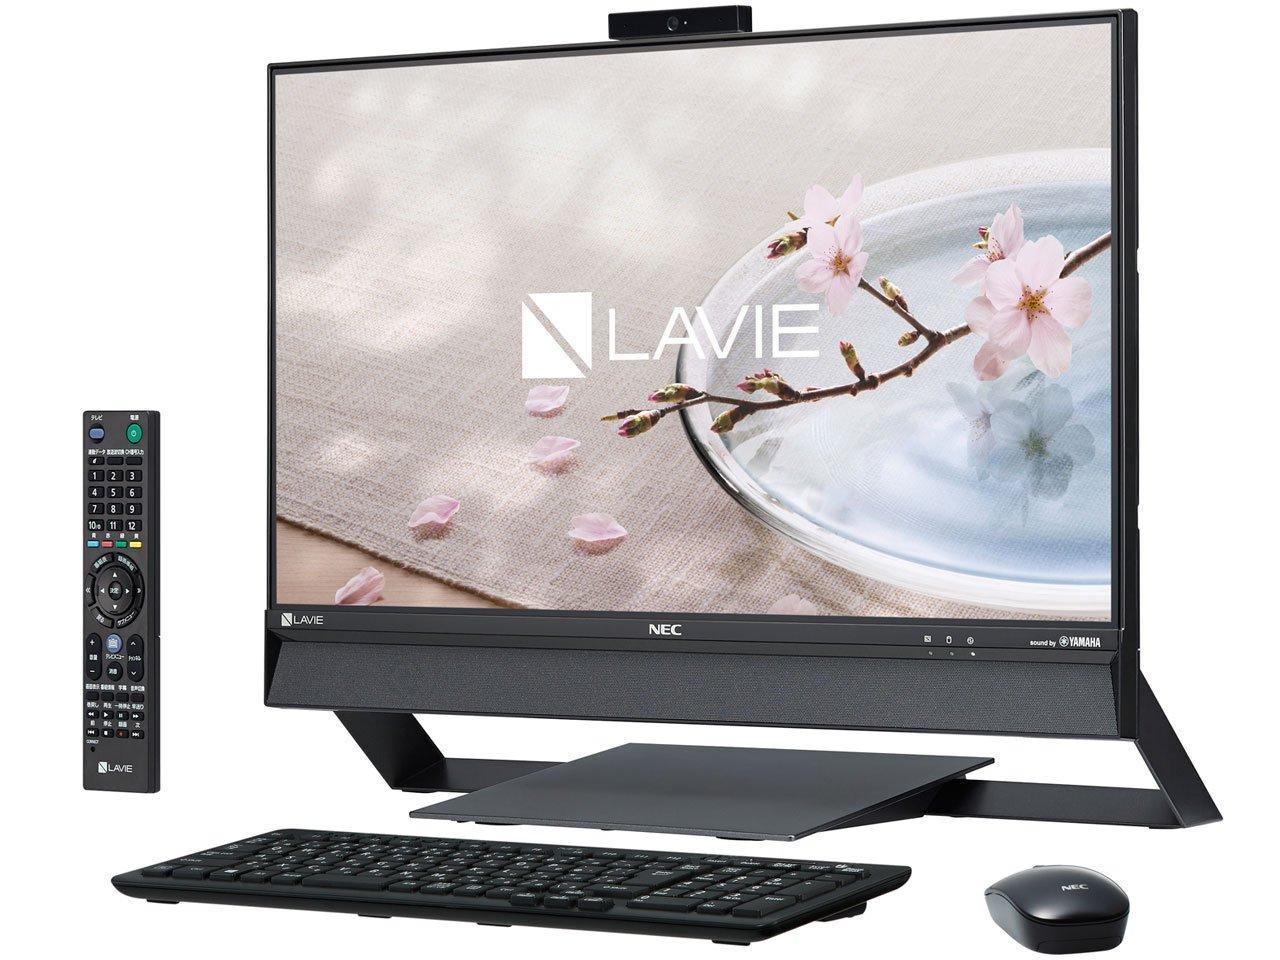 2019春大特価セール! NEC All-in-one PC-DA770DAB LAVIE LAVIE Desk Desk All-in-one B01AL0XIUM, モノコレ:ea0a1b12 --- ballyshannonshow.com